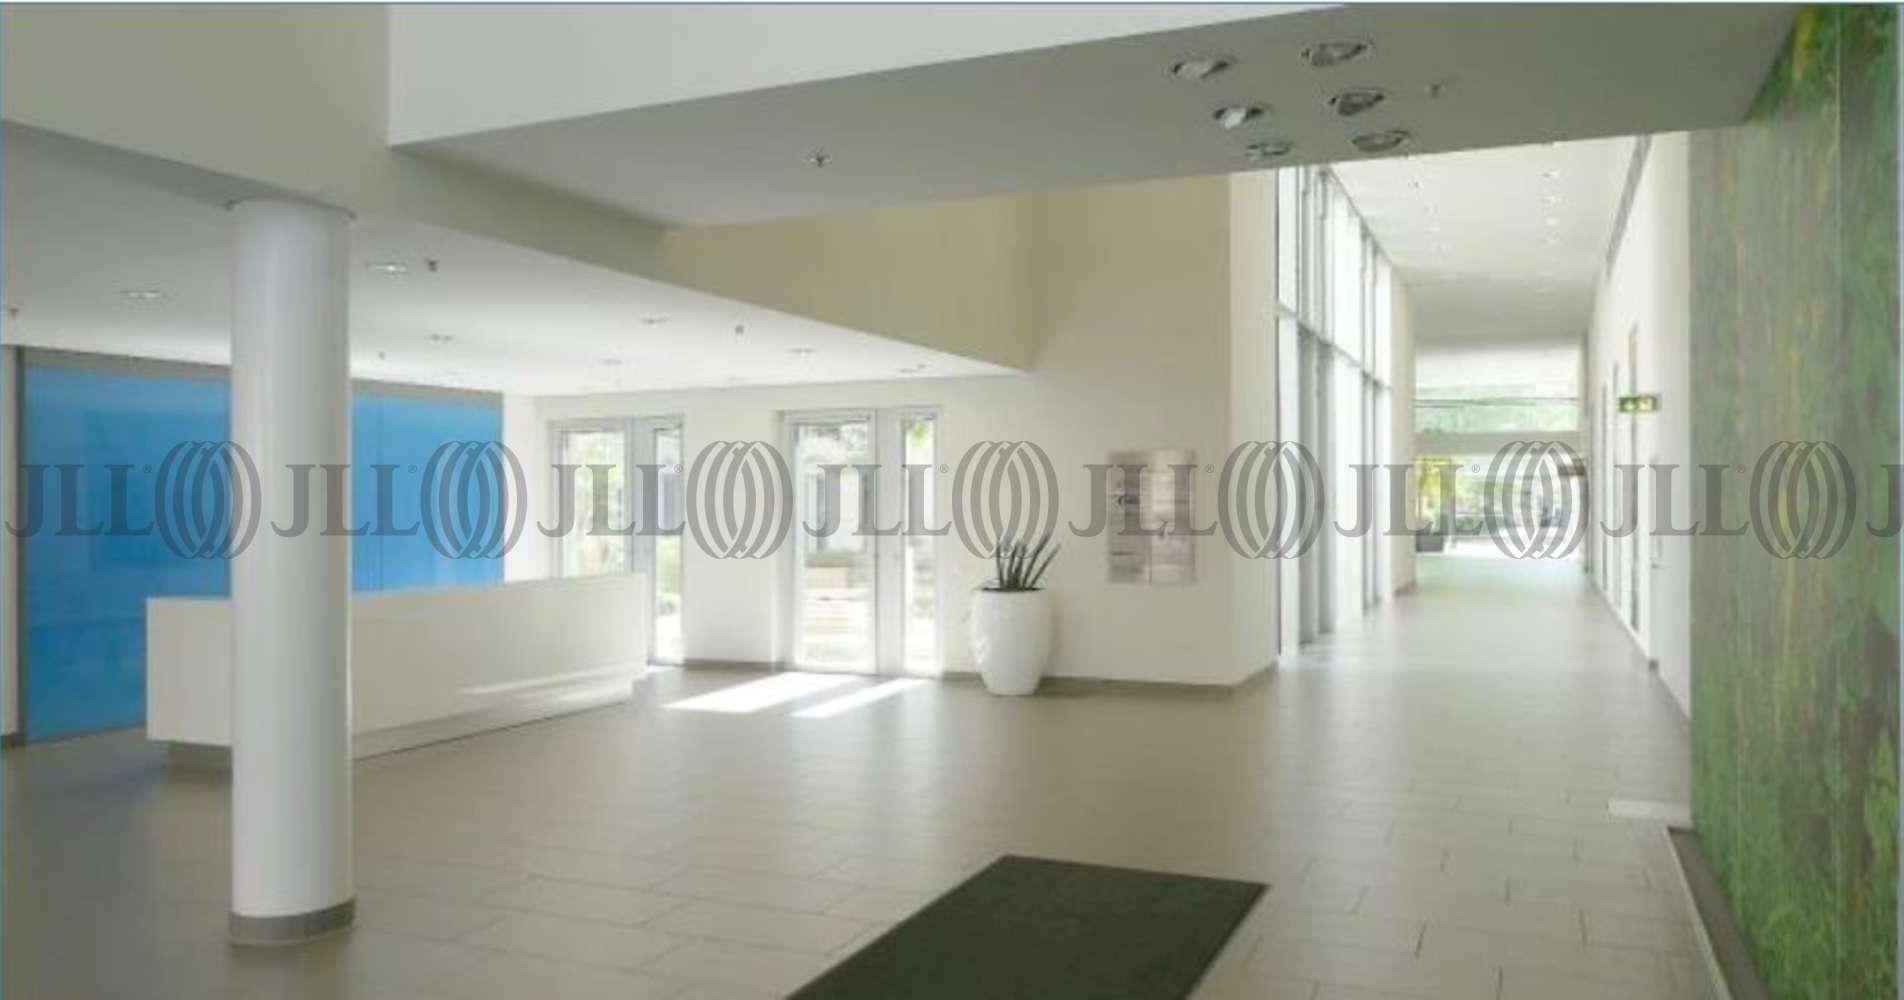 Büros München, 80807